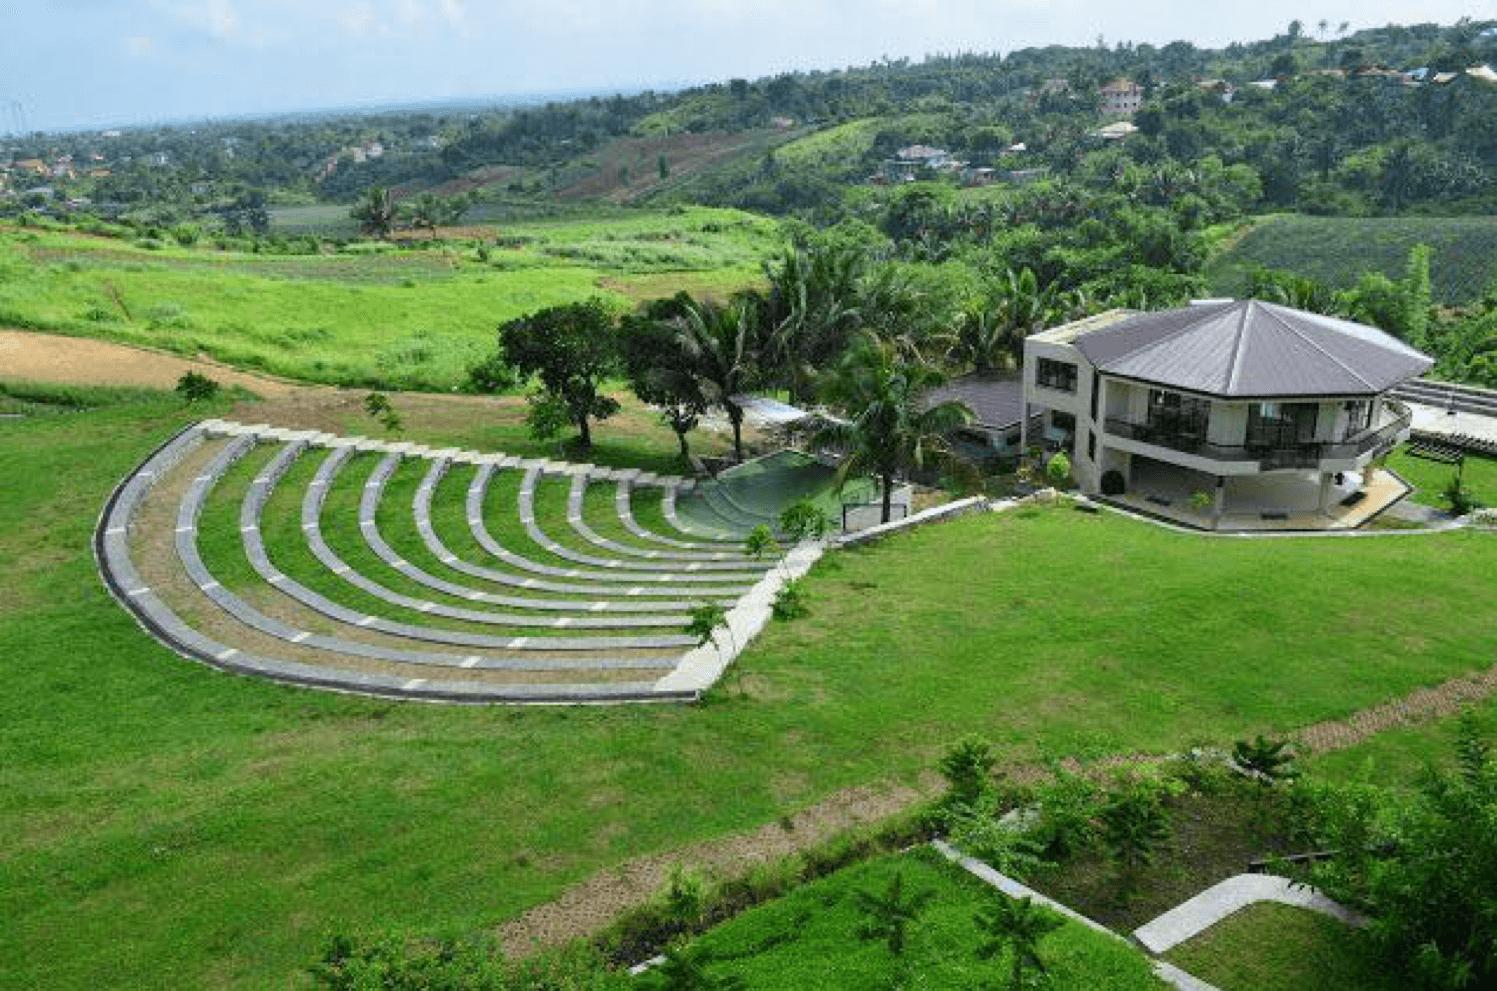 tagaytaycenter1